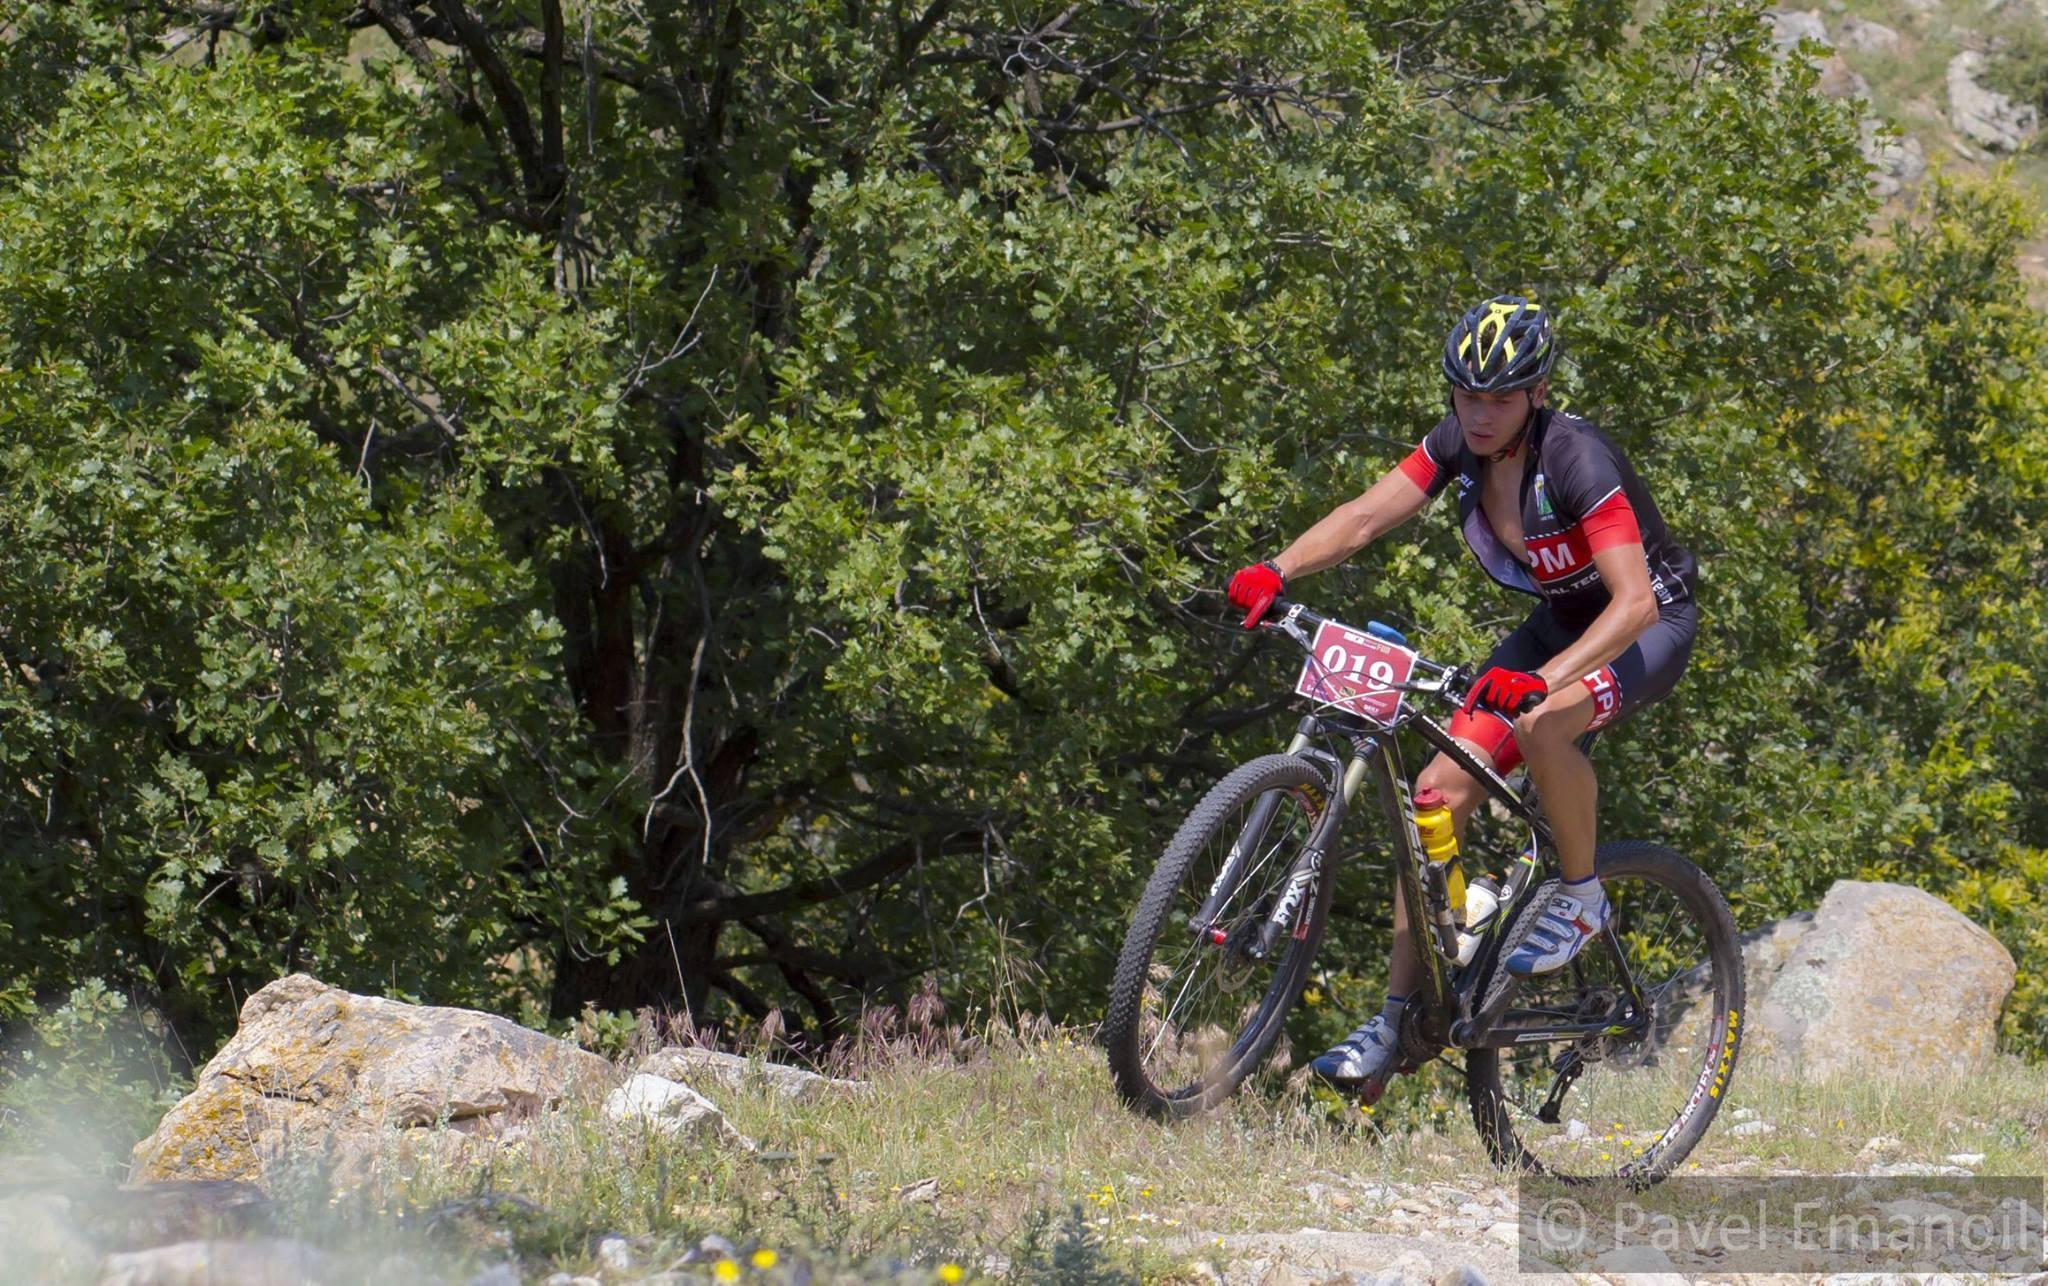 HPM Cycling Team - Global Tech 19